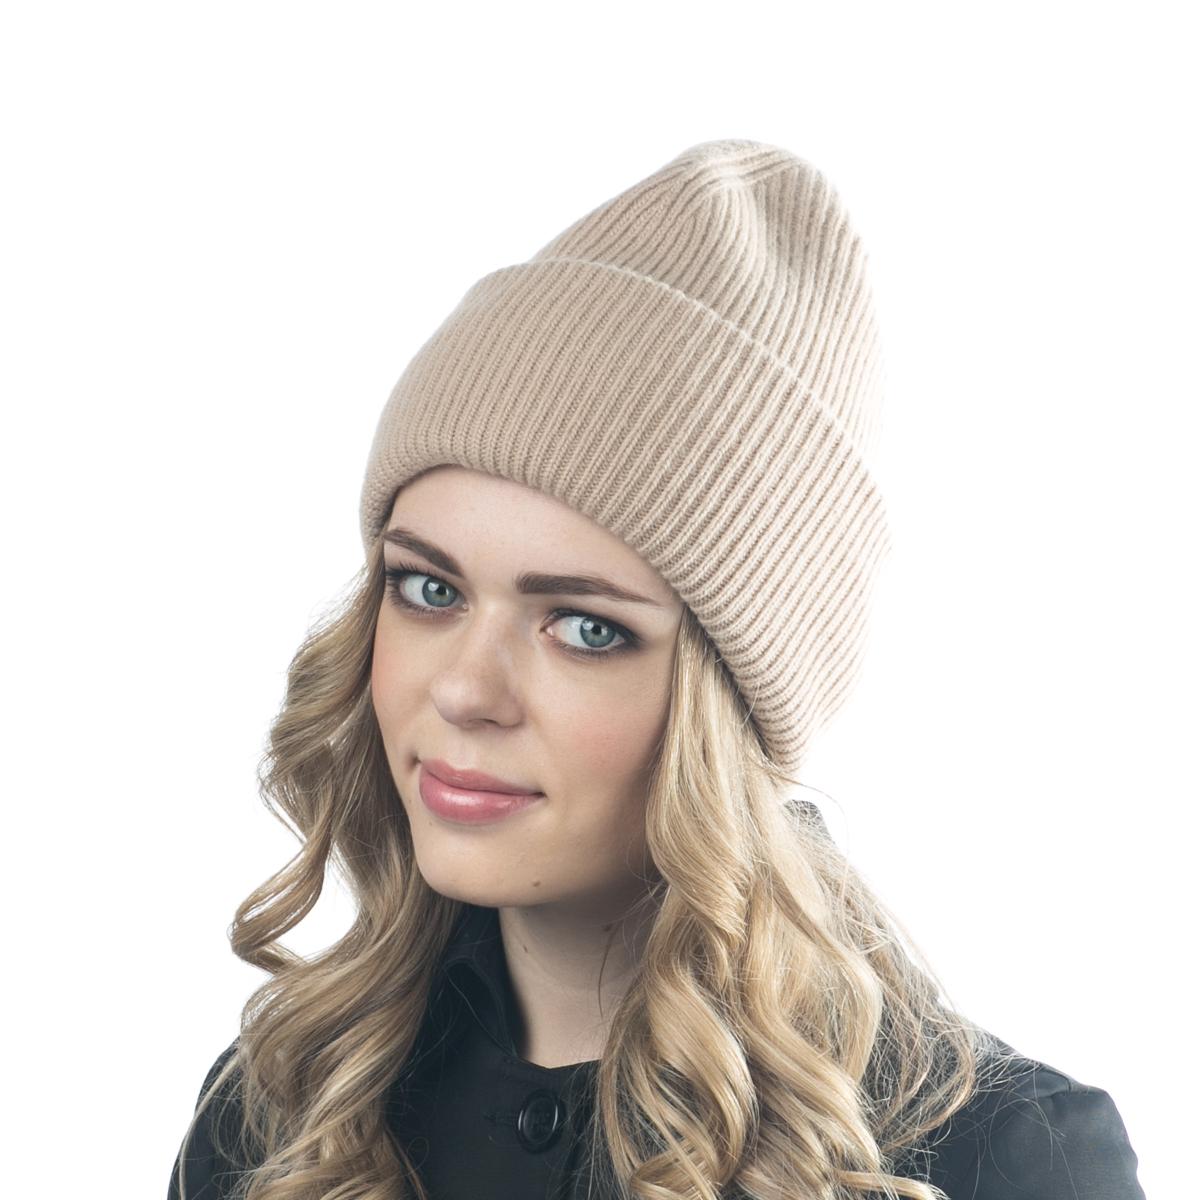 Шапка женская Flioraj, цвет: бежевый. 08FJ. Размер 56/5808FJДвойная шерстяная шапка-колпачок от Flioraj, выполненная из овечьей шерсти, альпаки и кашемира, поднимет настроение и отлично согреет в холодную погоду. Состав пряжи делает изделие мягким, теплым и комфортным. Такую шапочку можно носить с любым видом верхней одежды, достаточно только определиться с цветом.